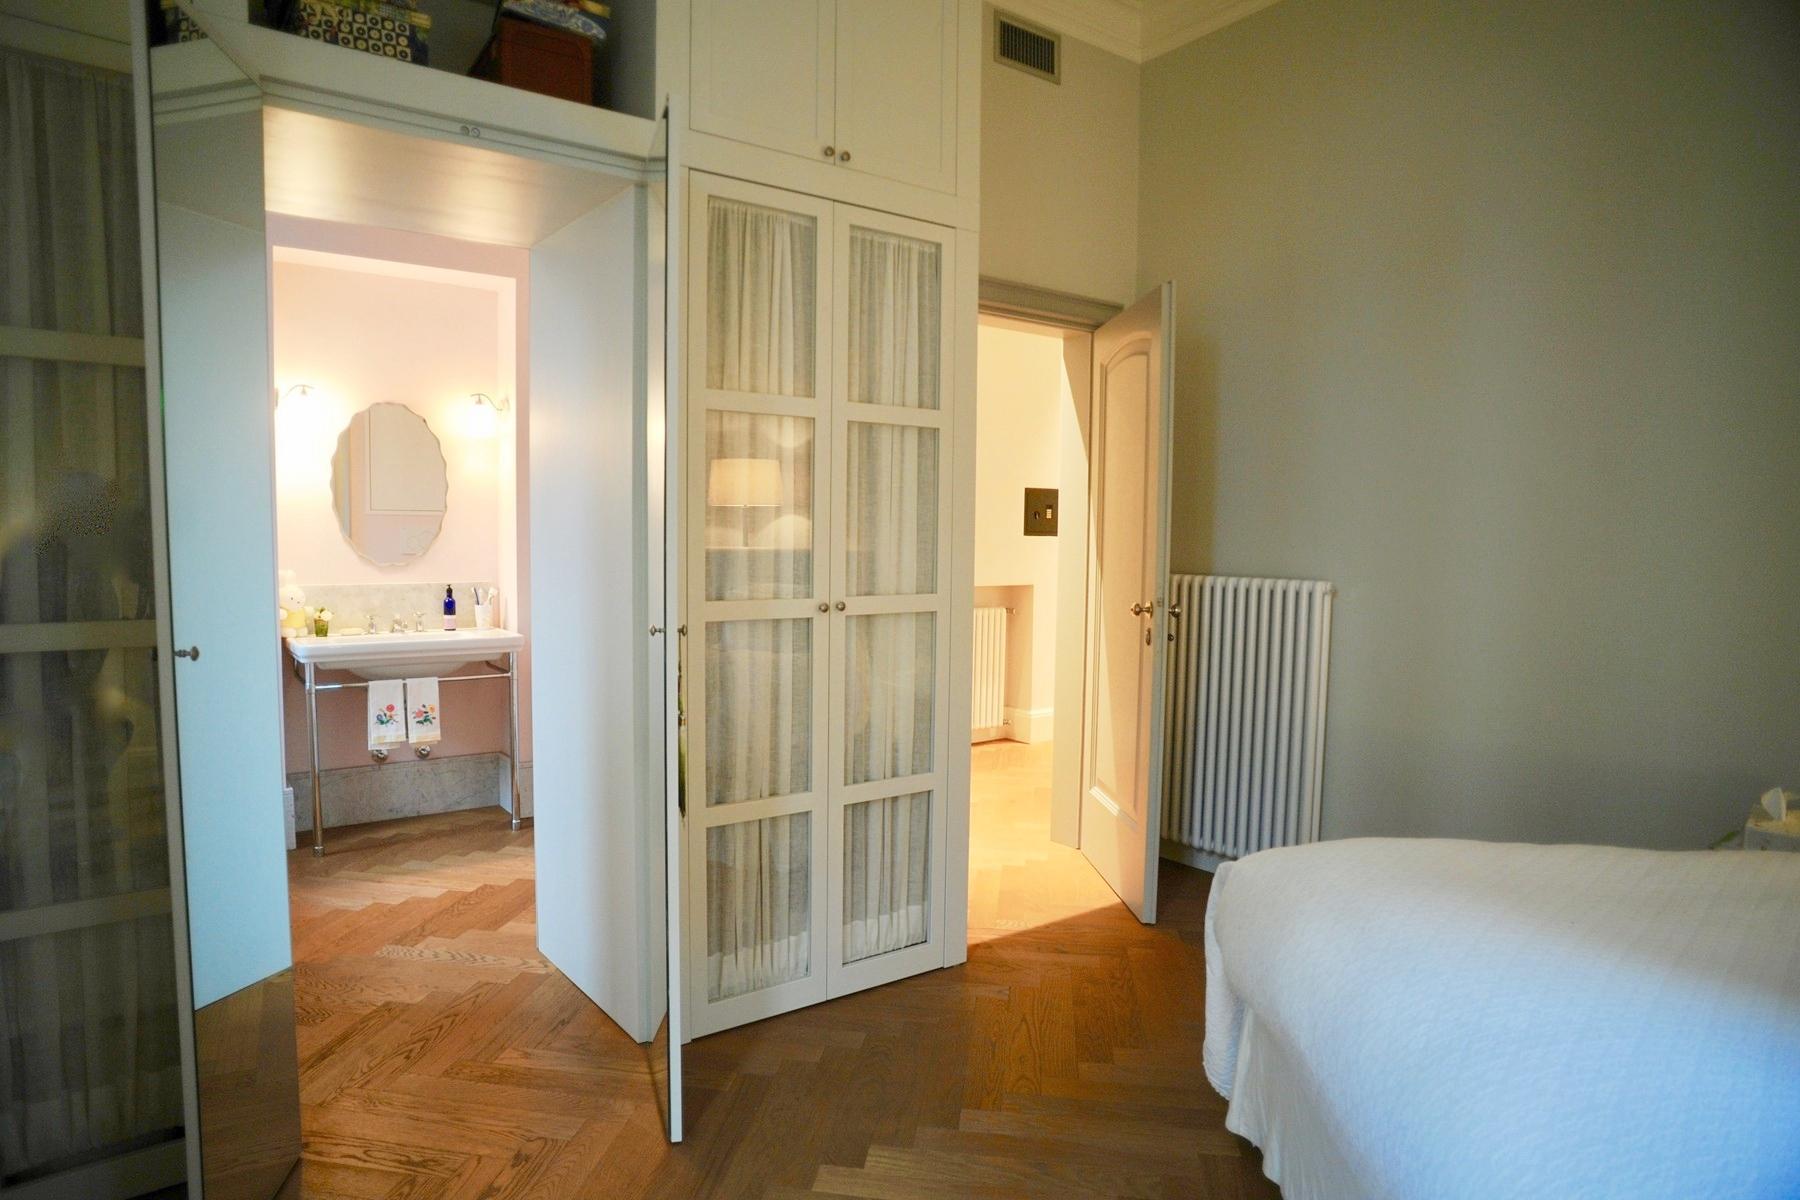 Appartamento in Vendita a Verona: 5 locali, 160 mq - Foto 11